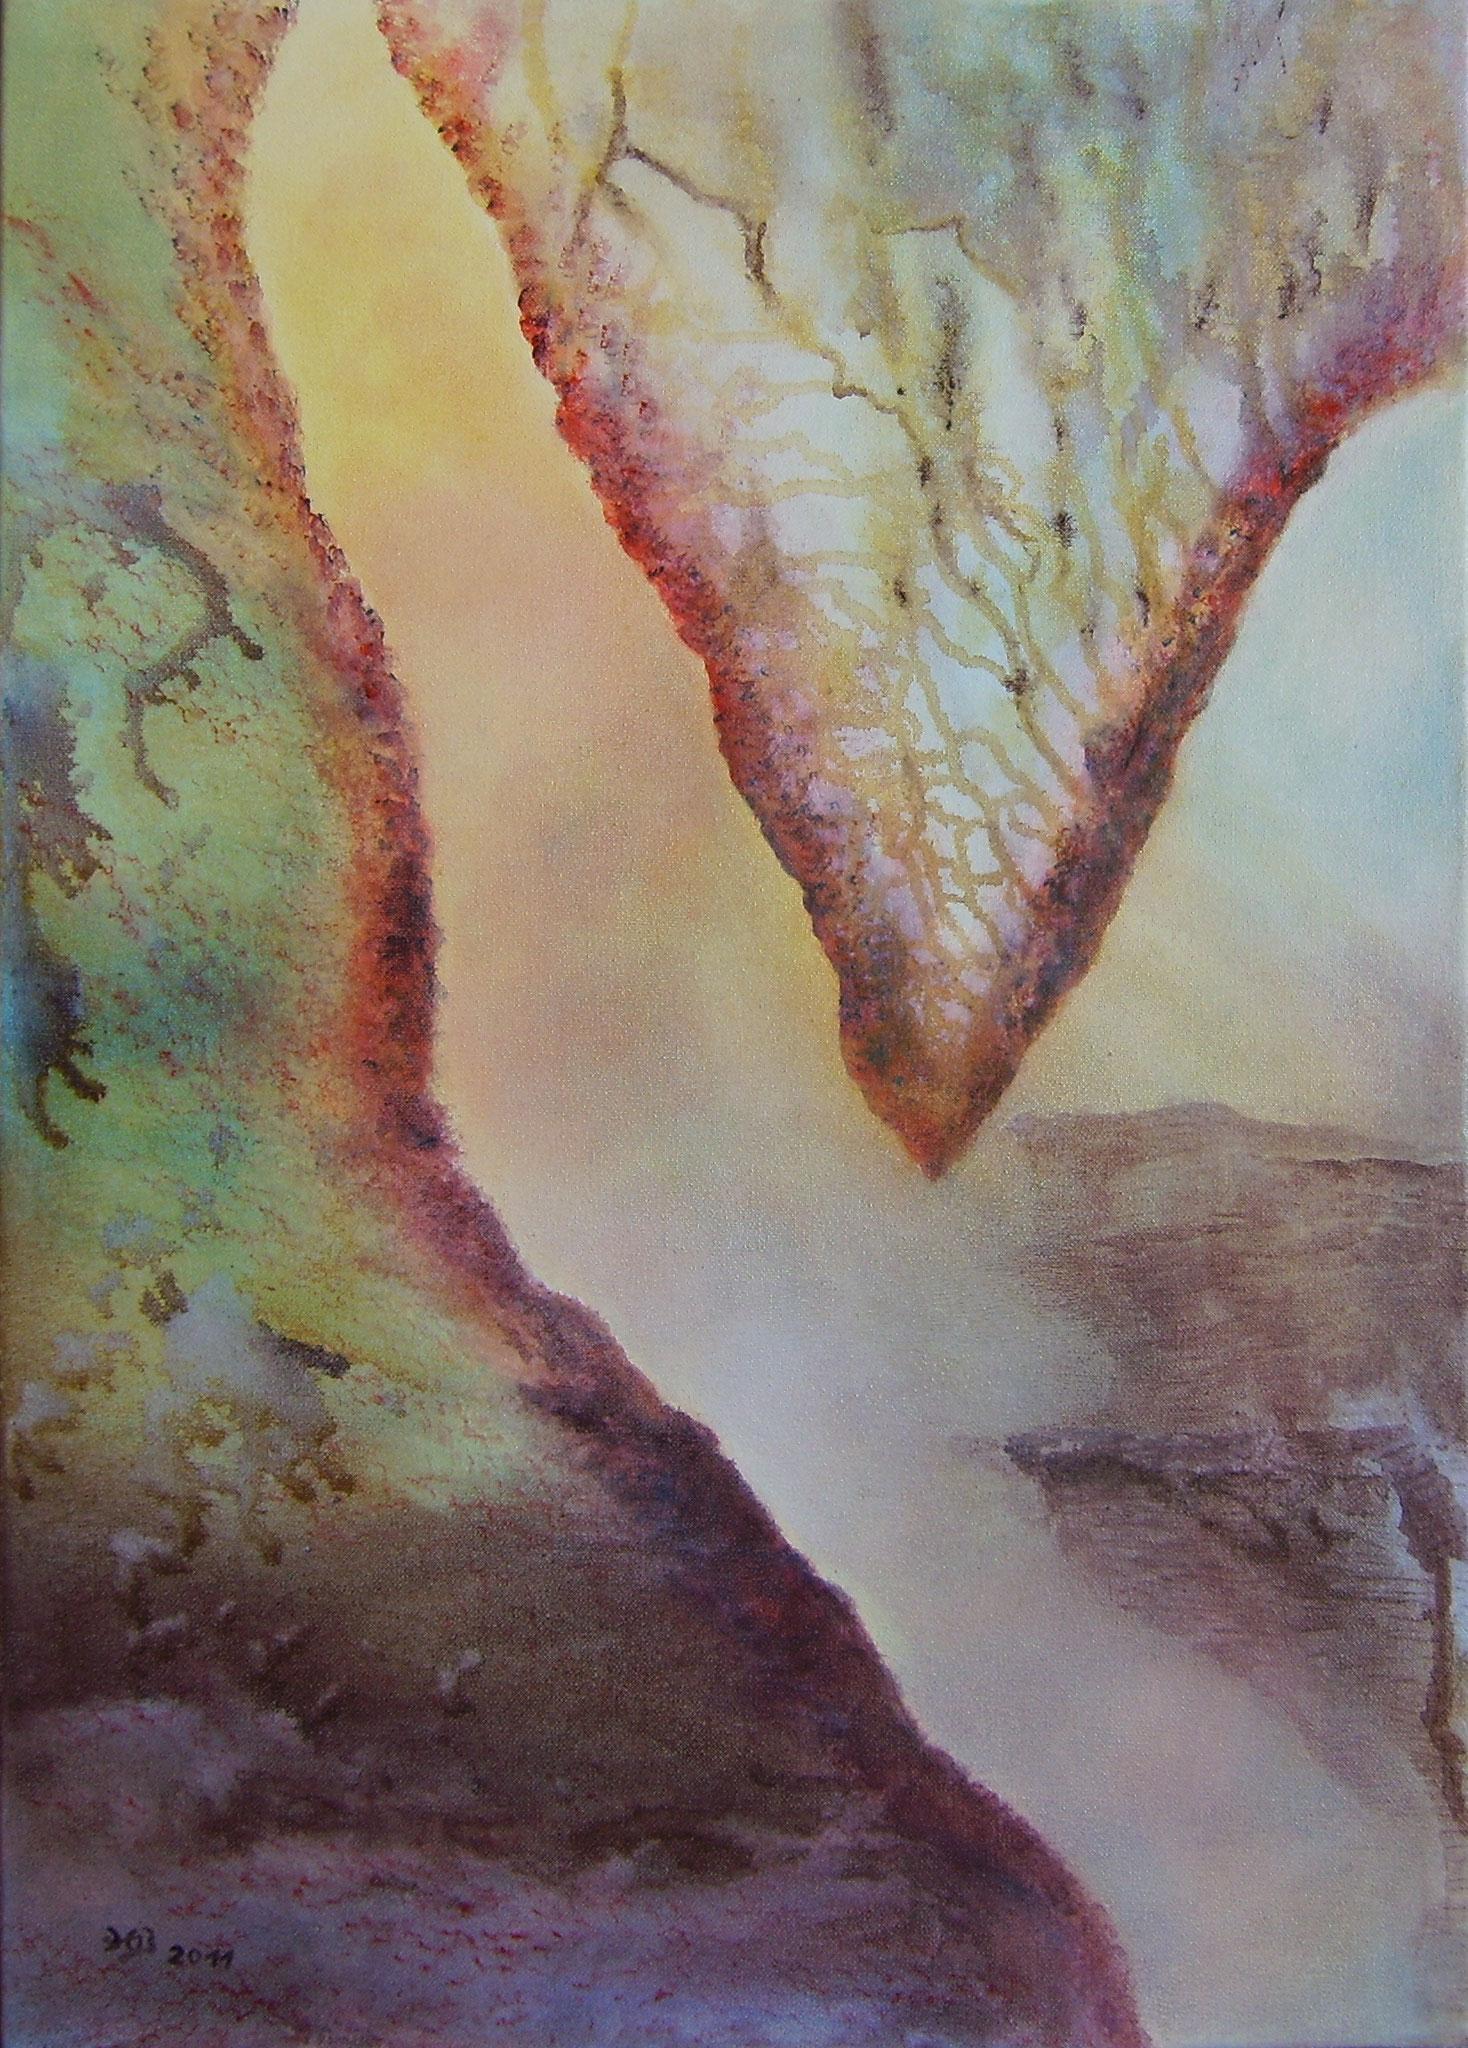 Sinfonie, 2011, Acryl, 50 x 70 cm